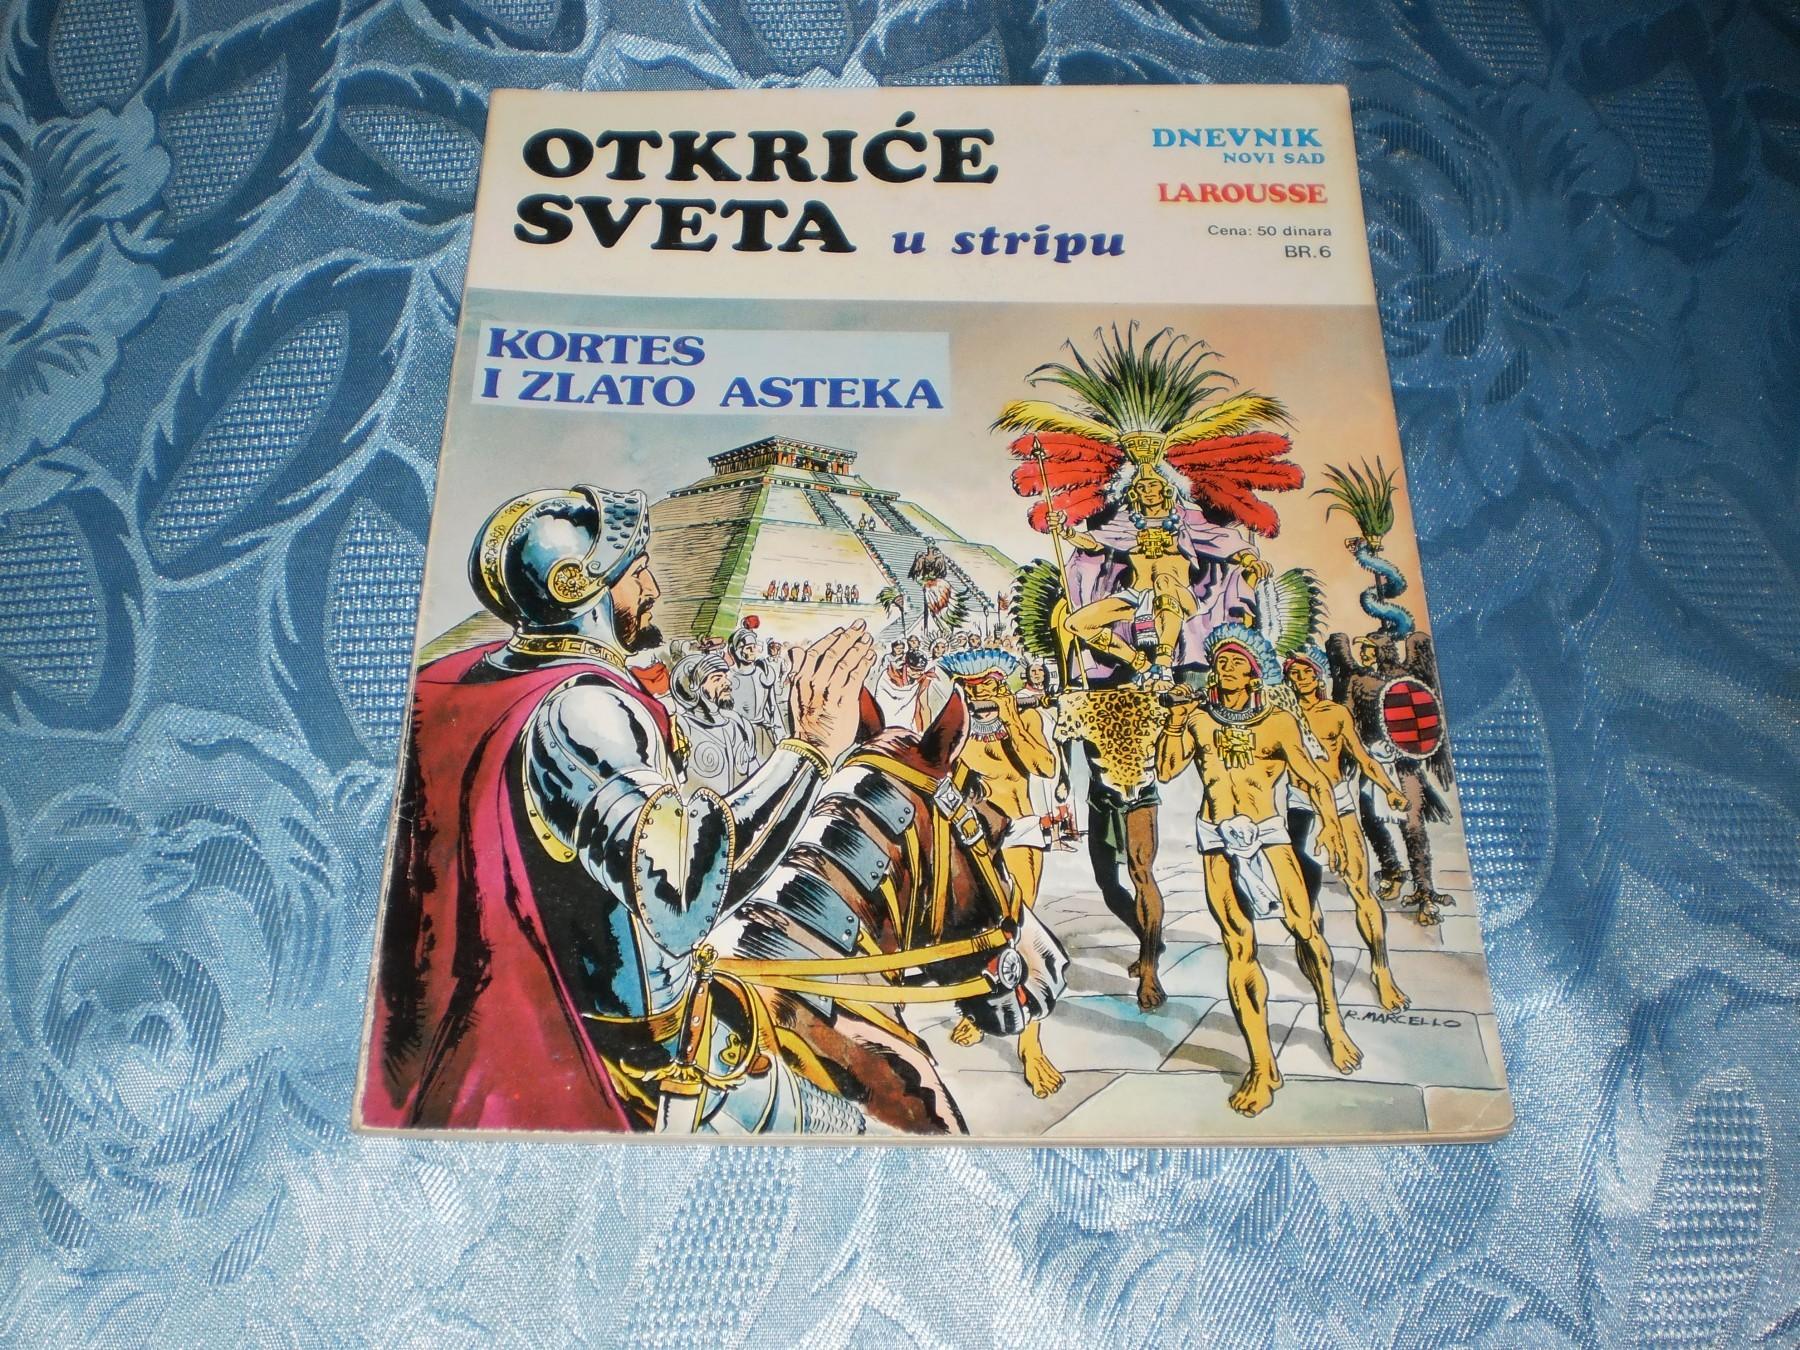 Otkrice-sveta-u-stripu-broj-6-Kortes-i-zlato-Asteka_slika_O_80080997